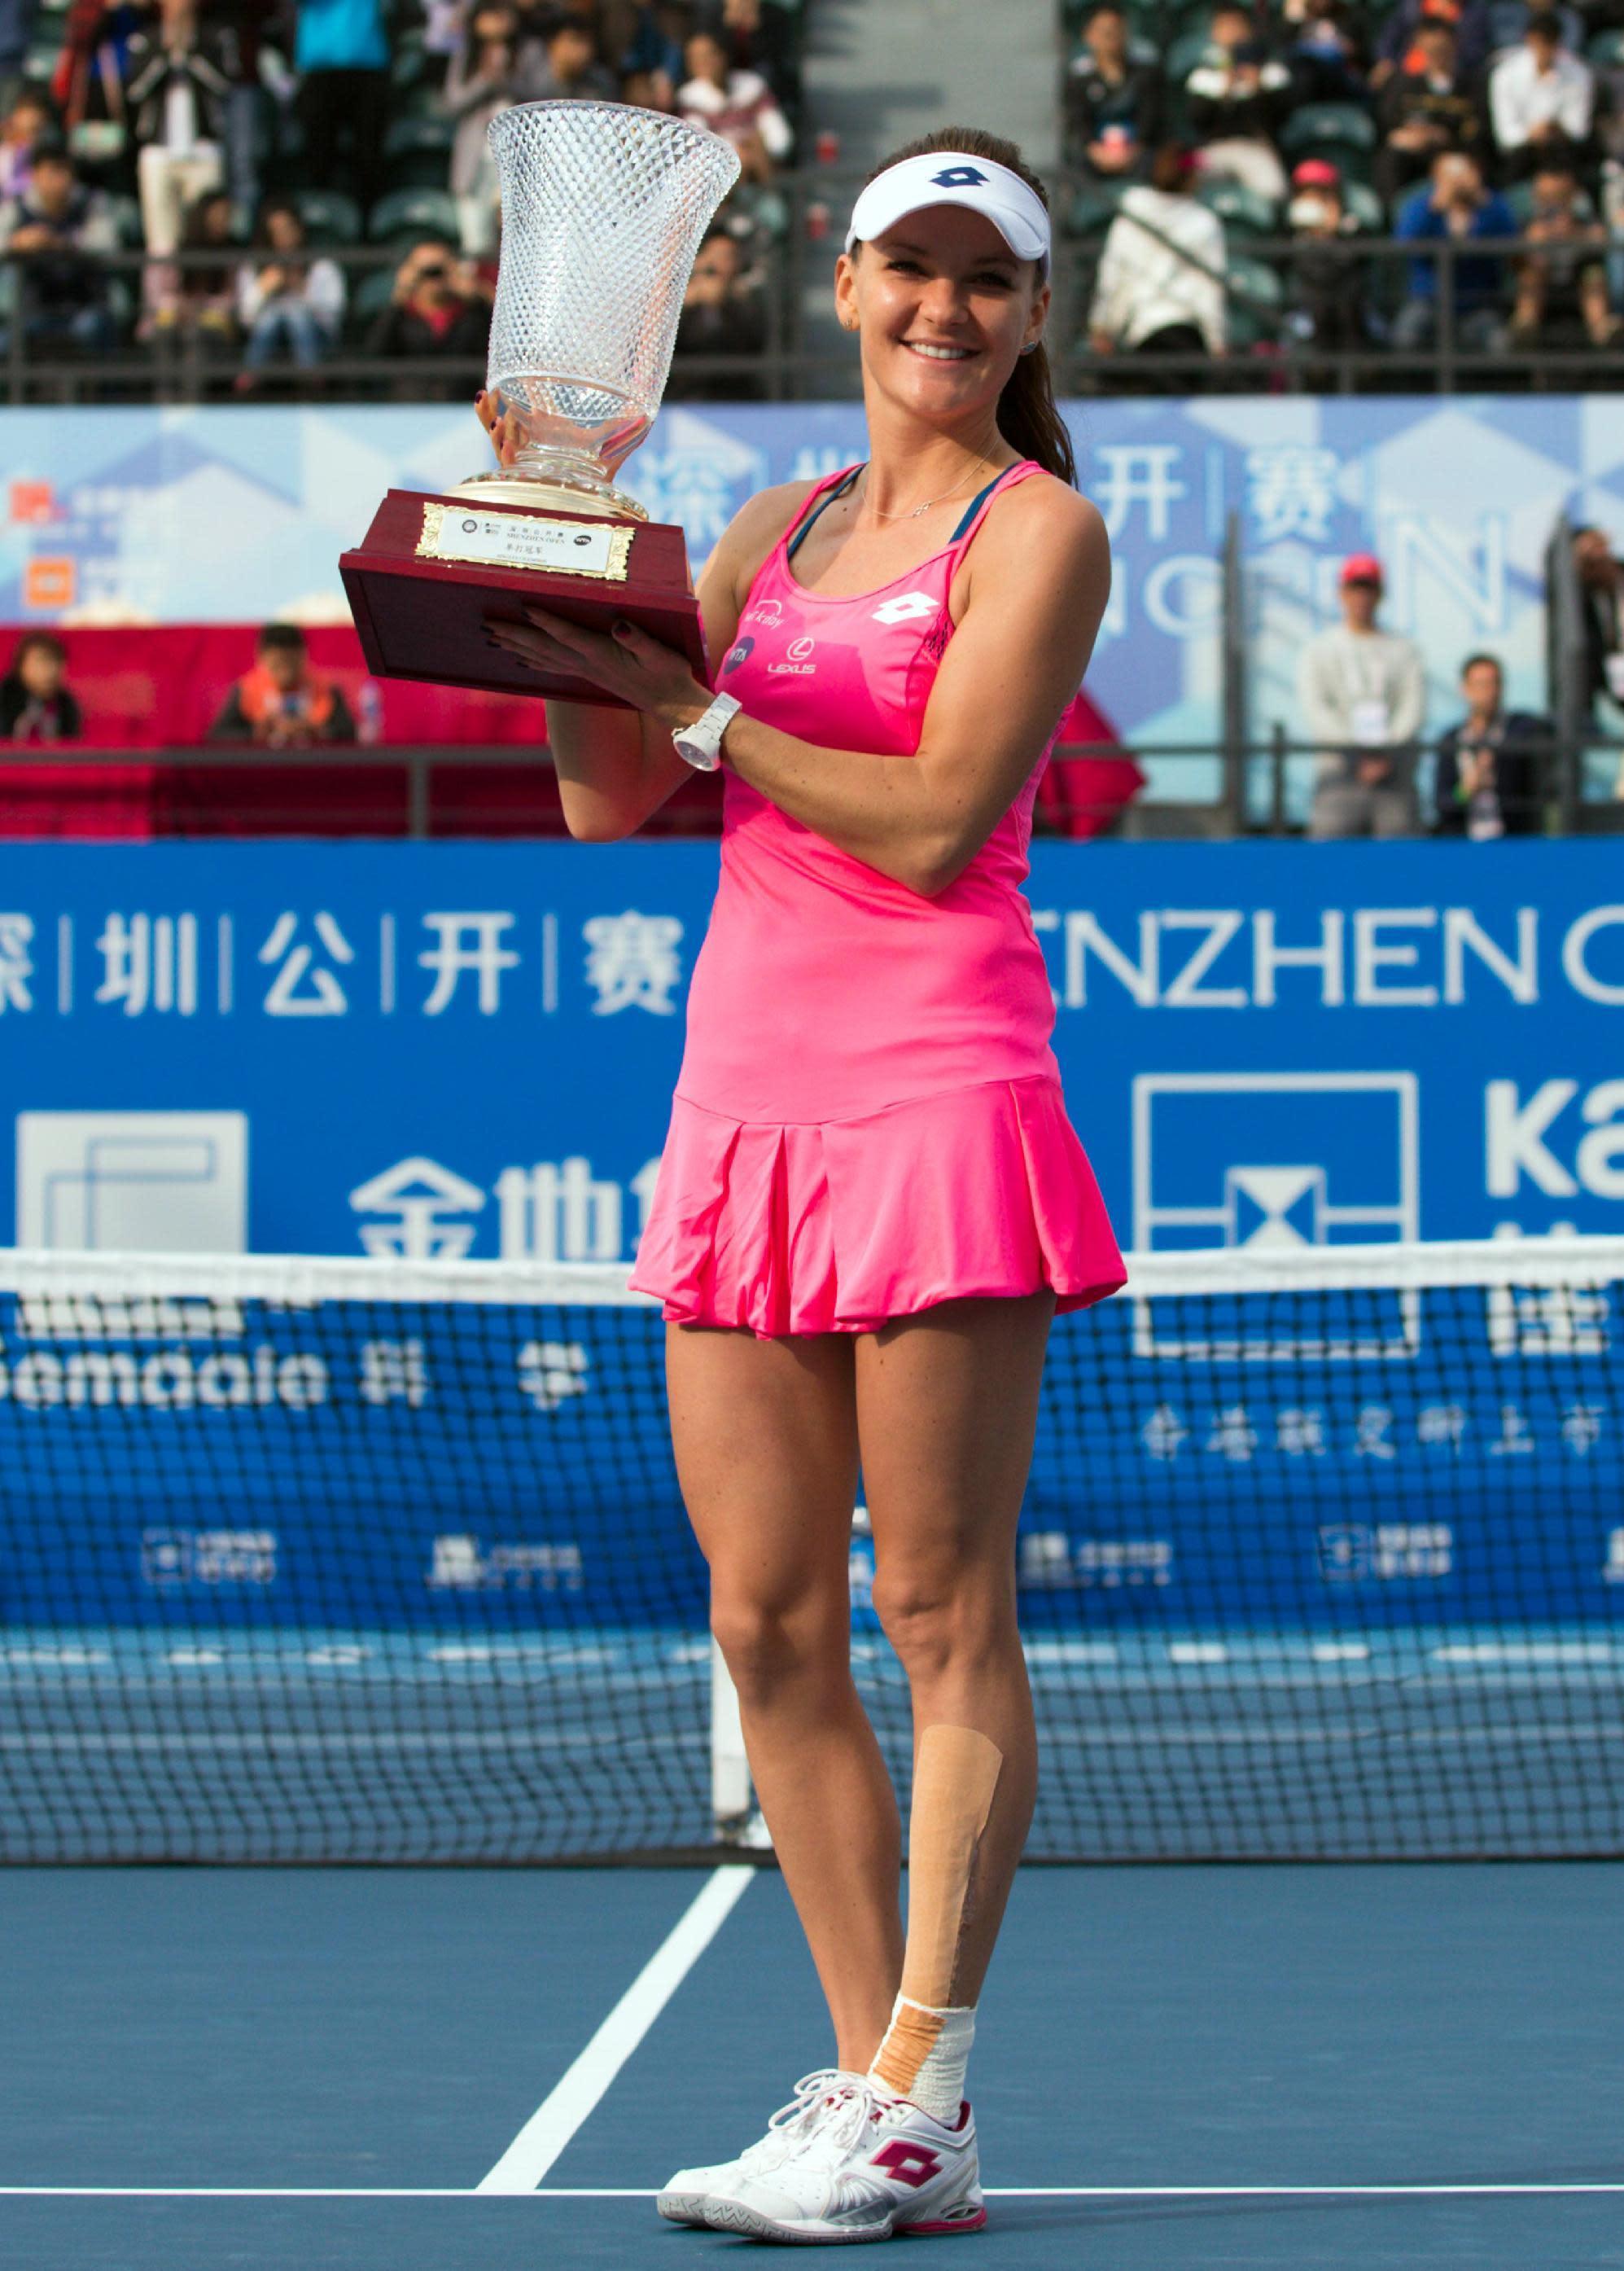 Agnieszka Radwanska world singles ranking 2